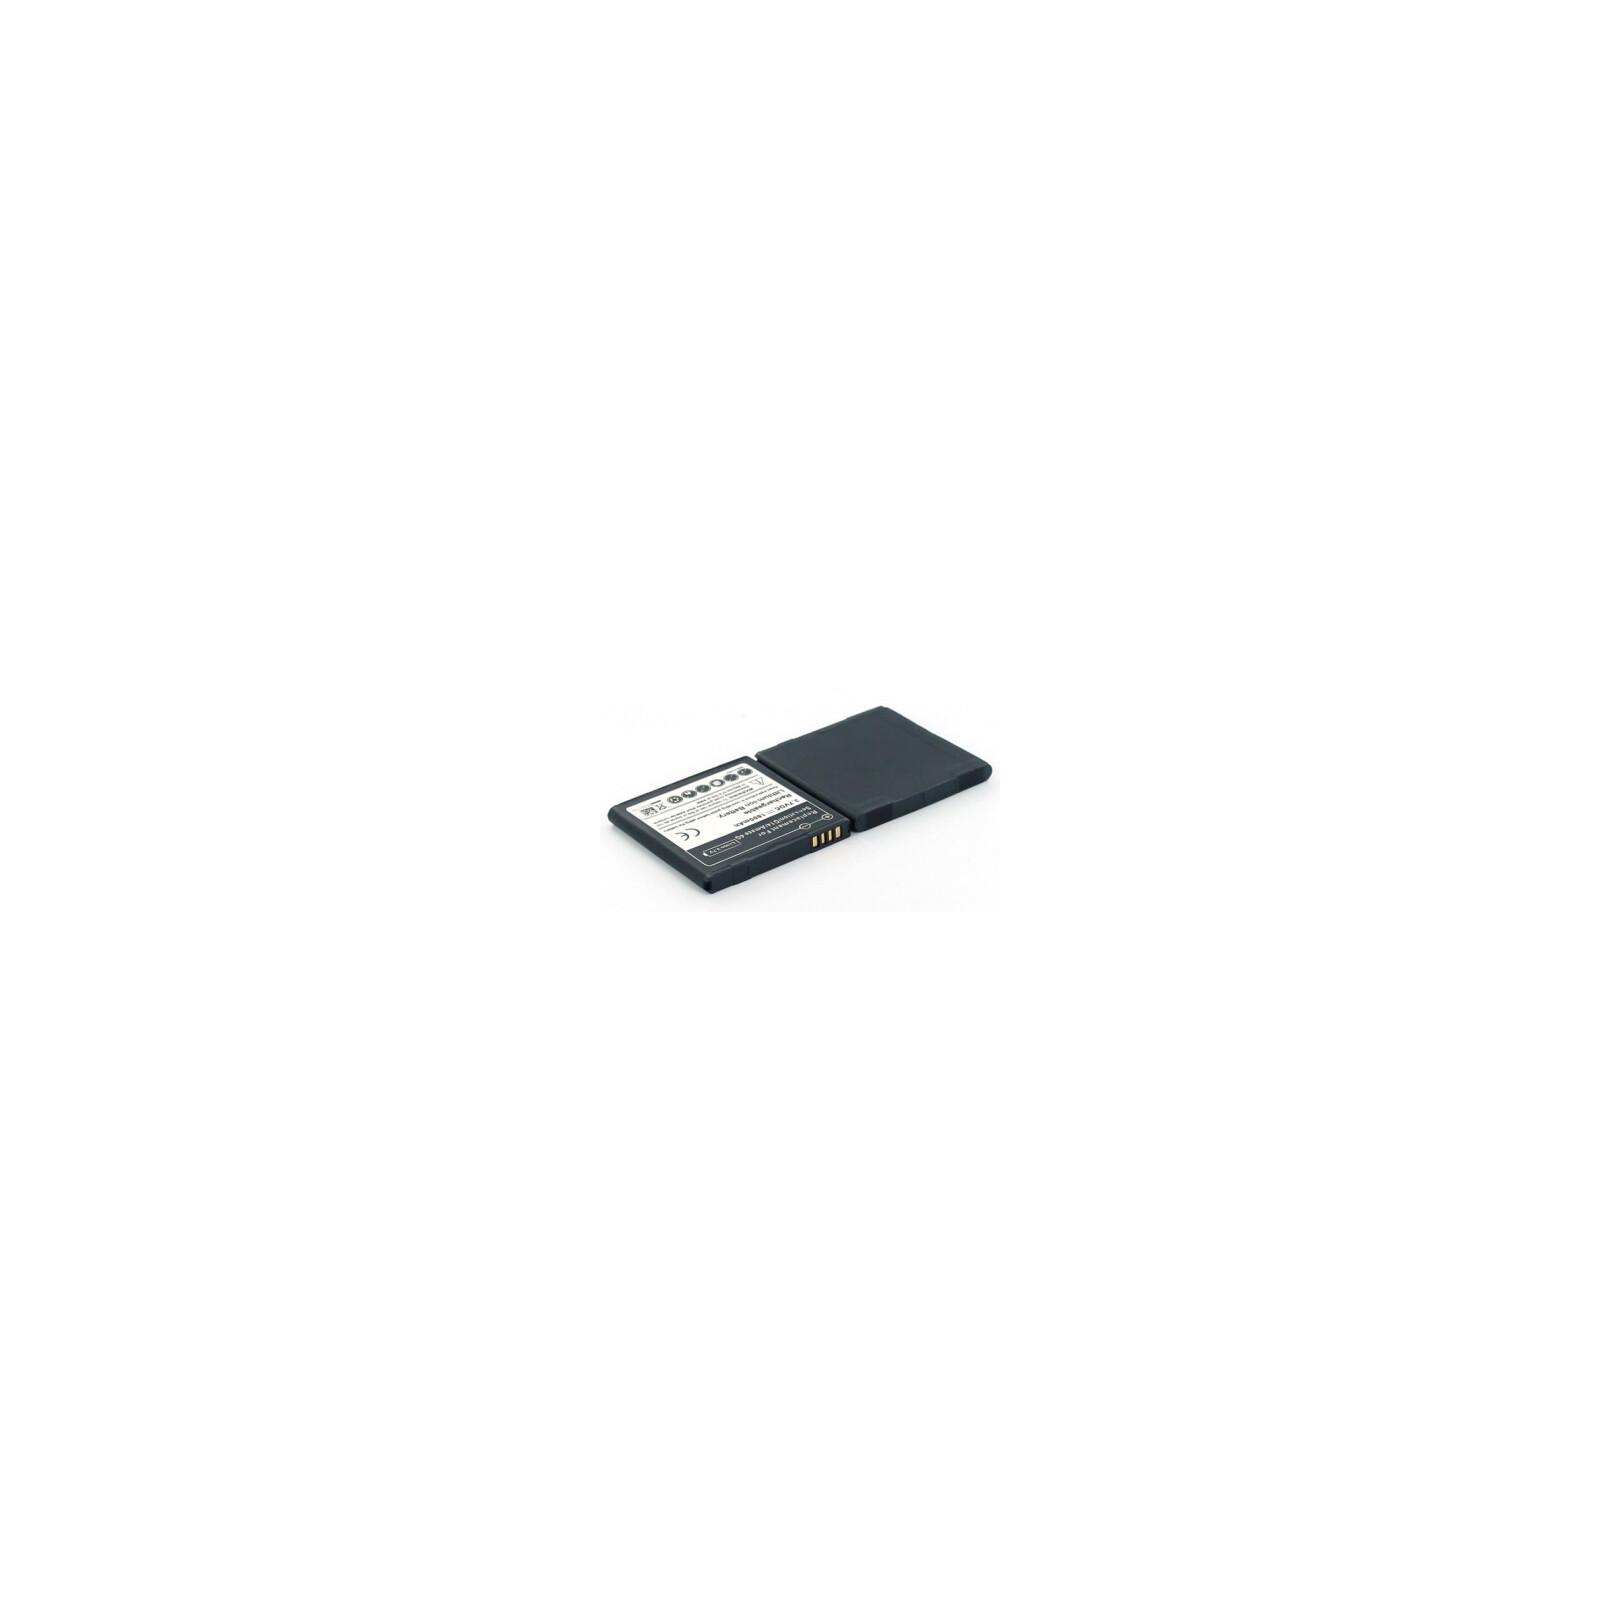 AGI Akku HTC PG58130 1.600mAh